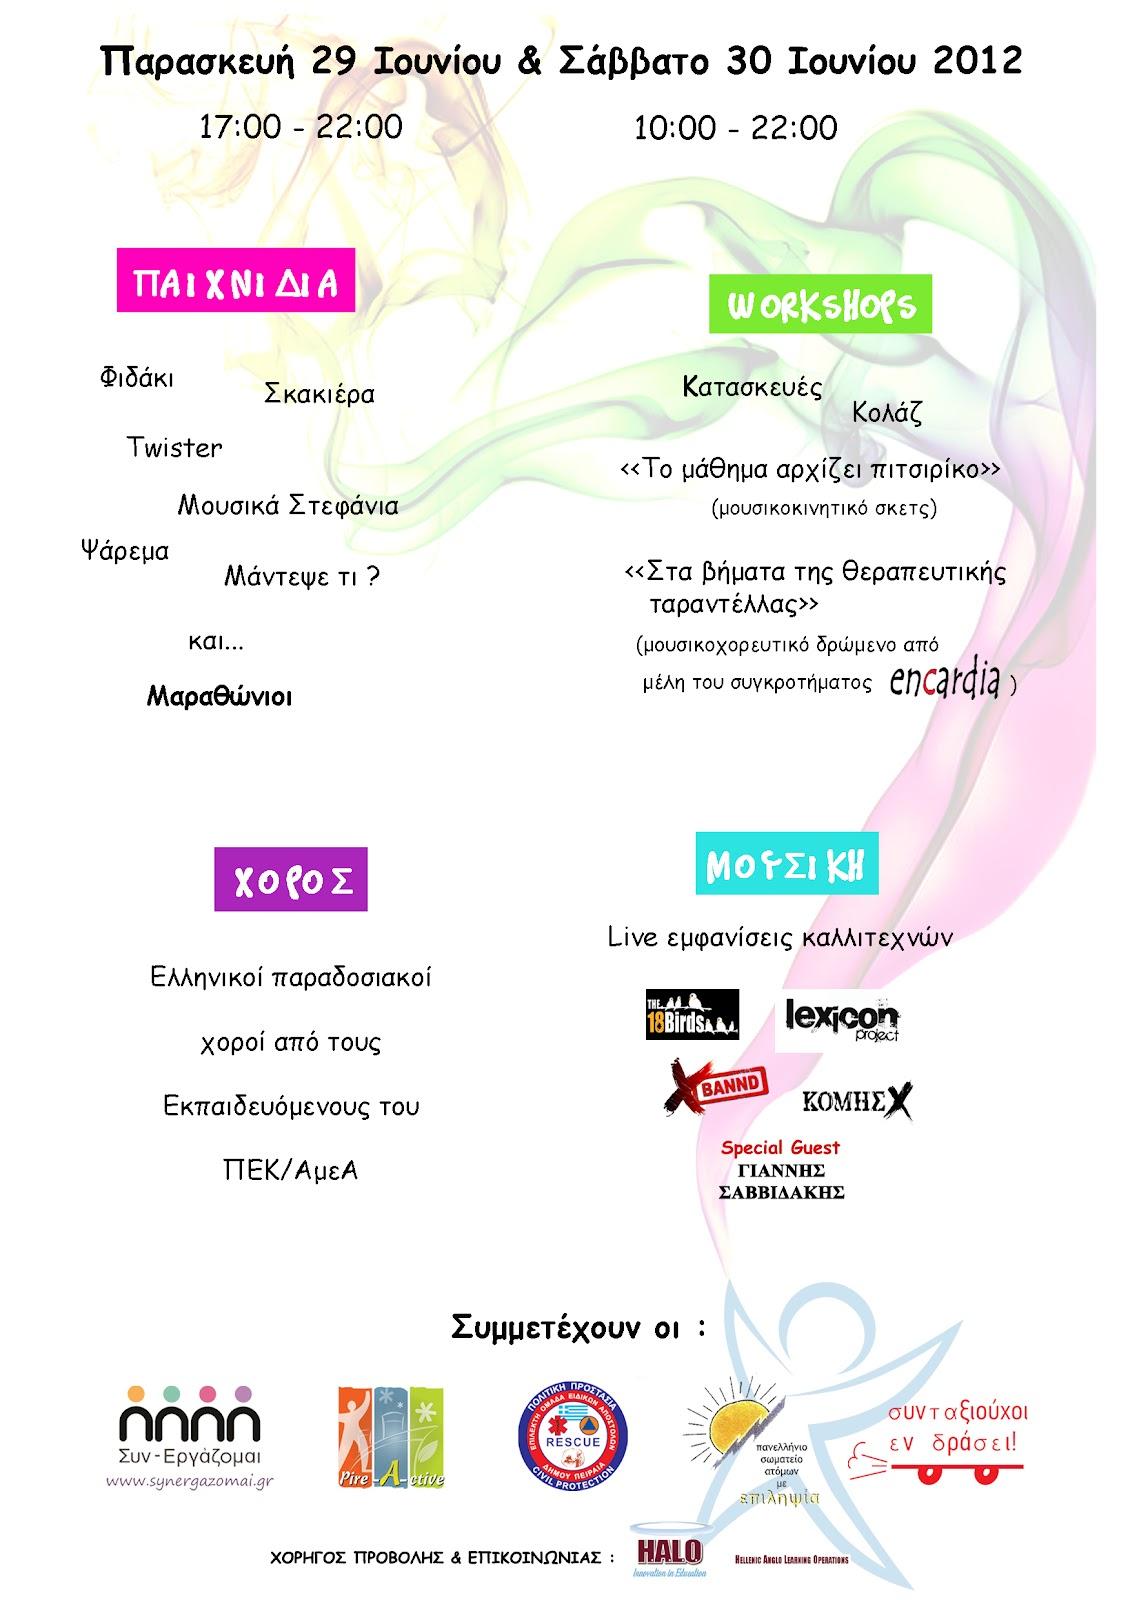 Πρόσκληση Φεστιβάλ, side B